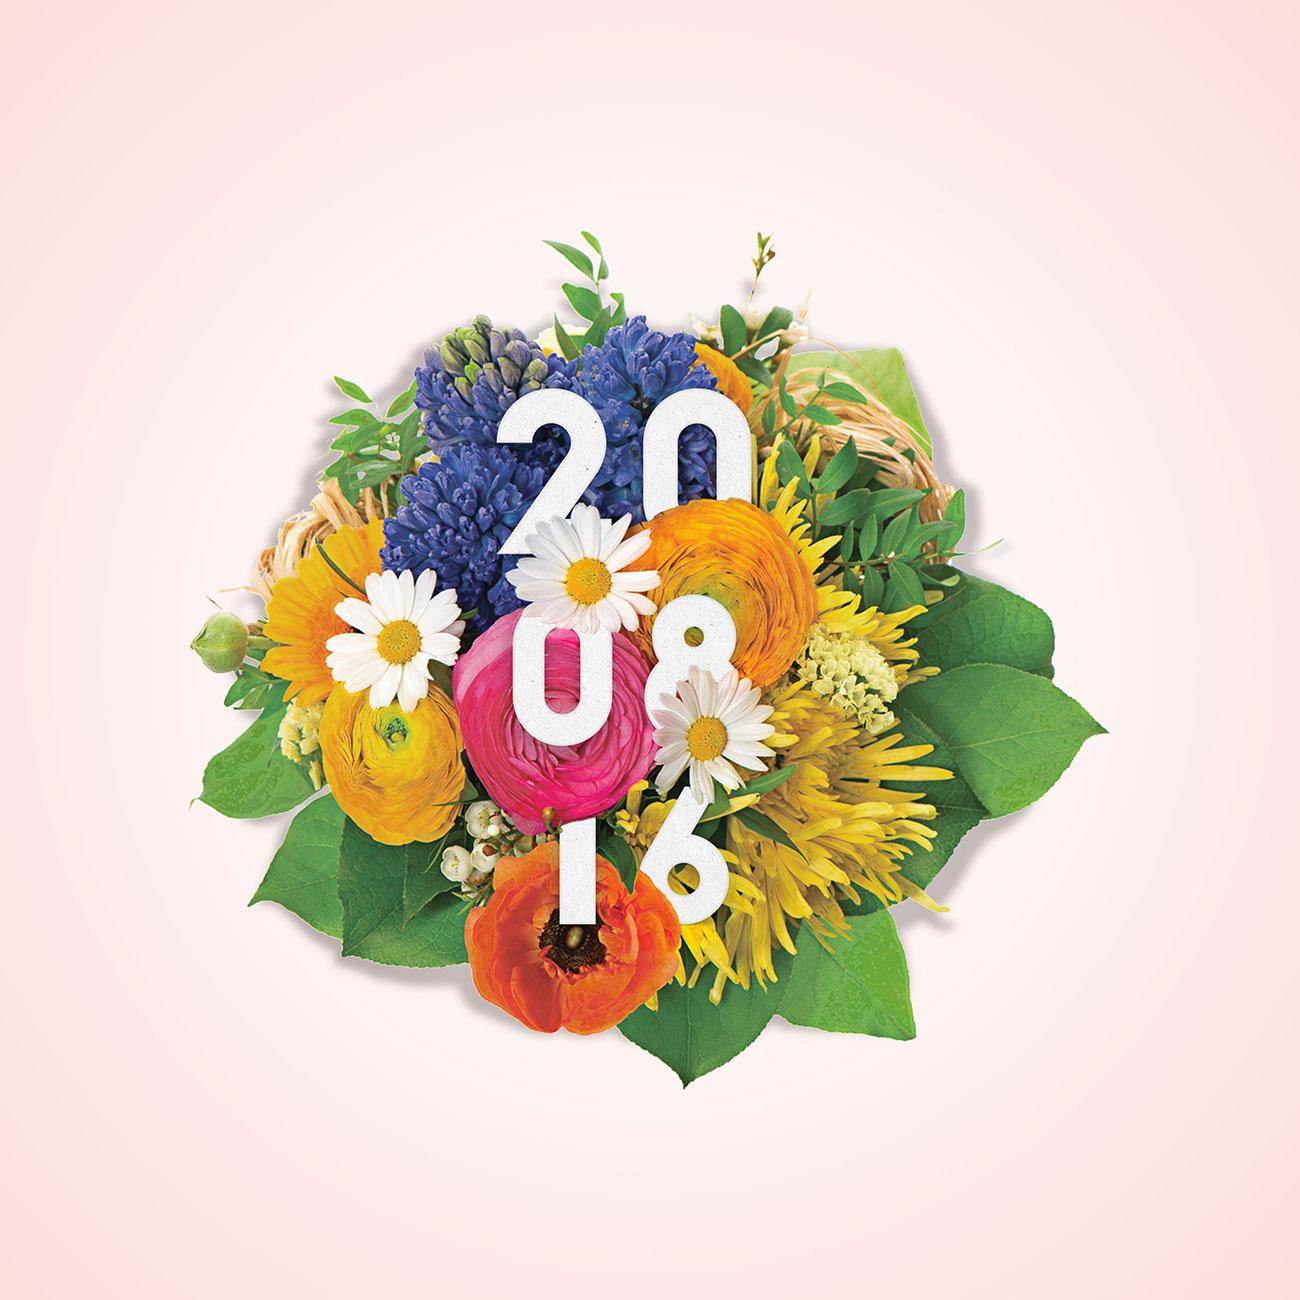 Flower_7.2